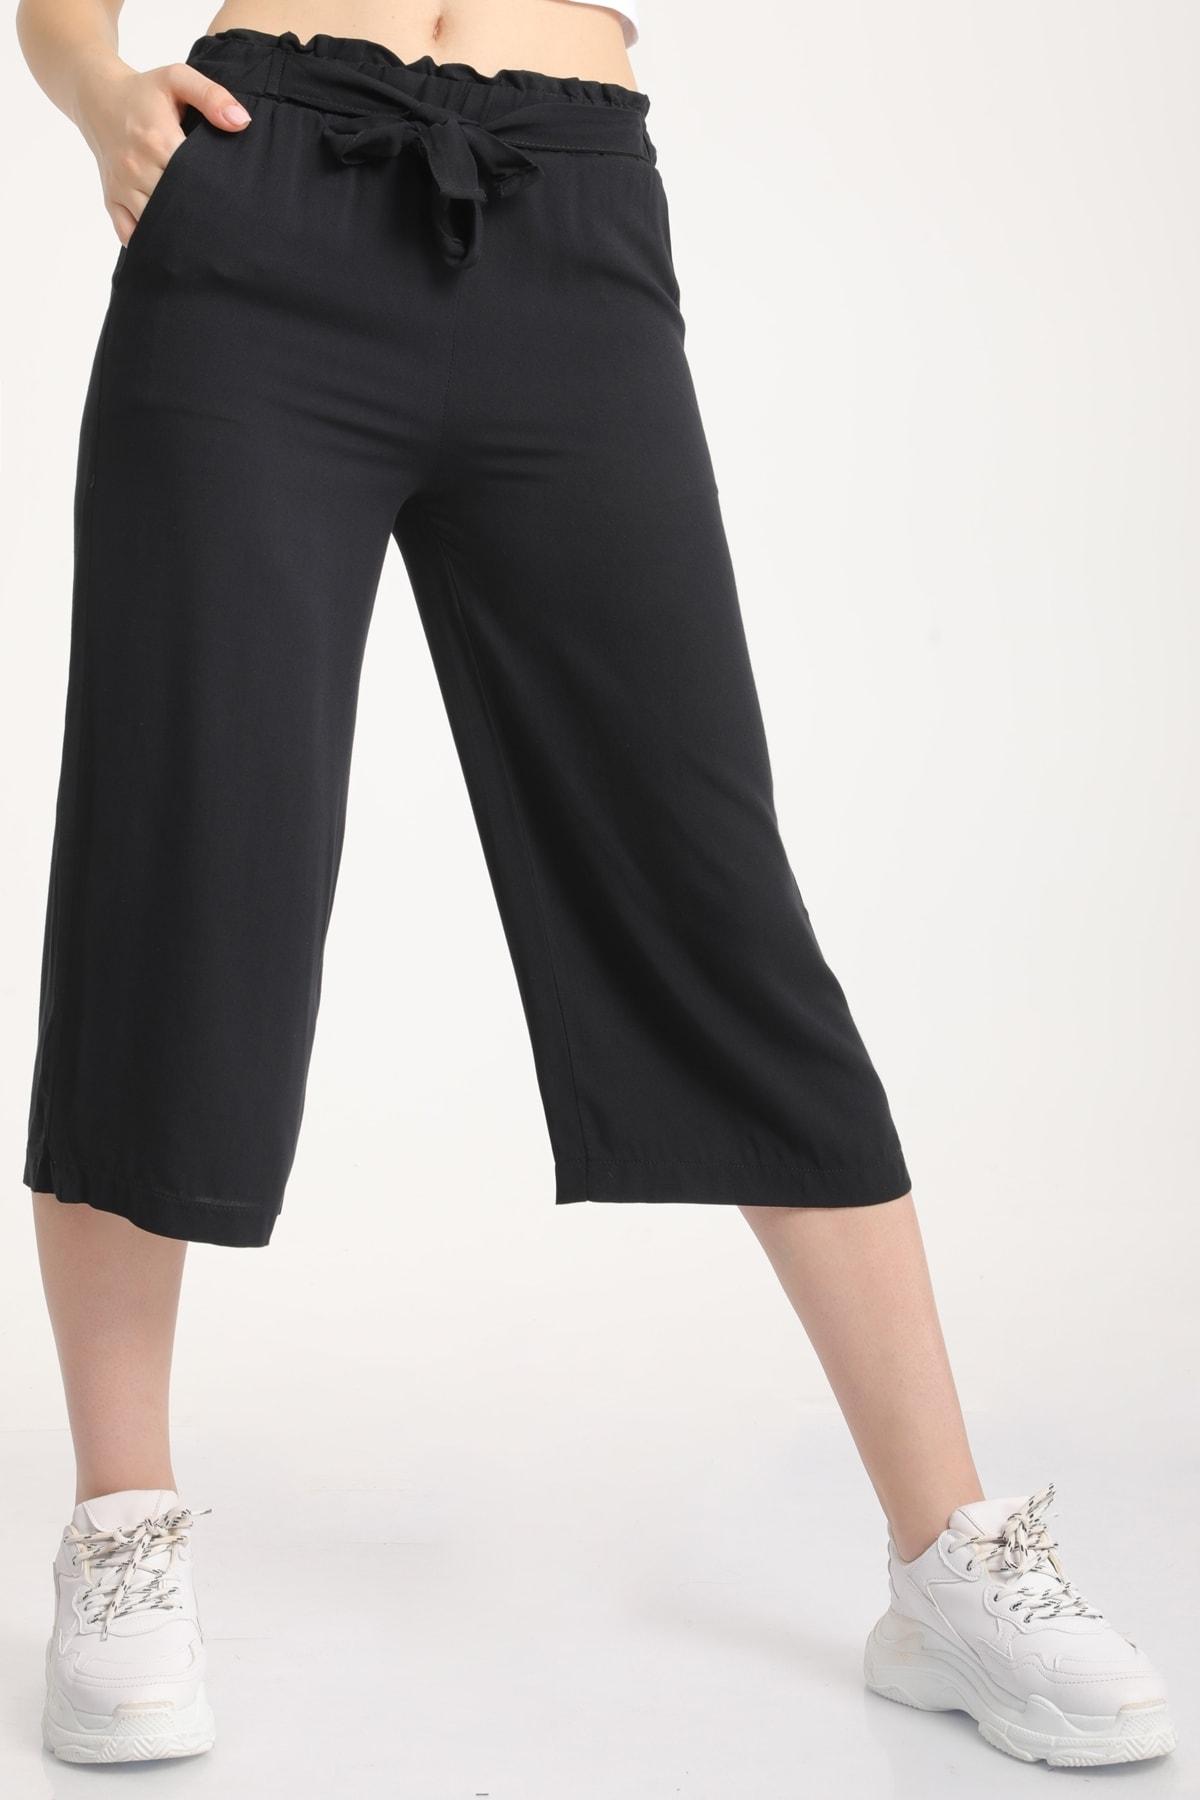 MD trend Kadın Siyah Bel Lastikli Bağlamalı Kısa Pantolon Mdt5979 1